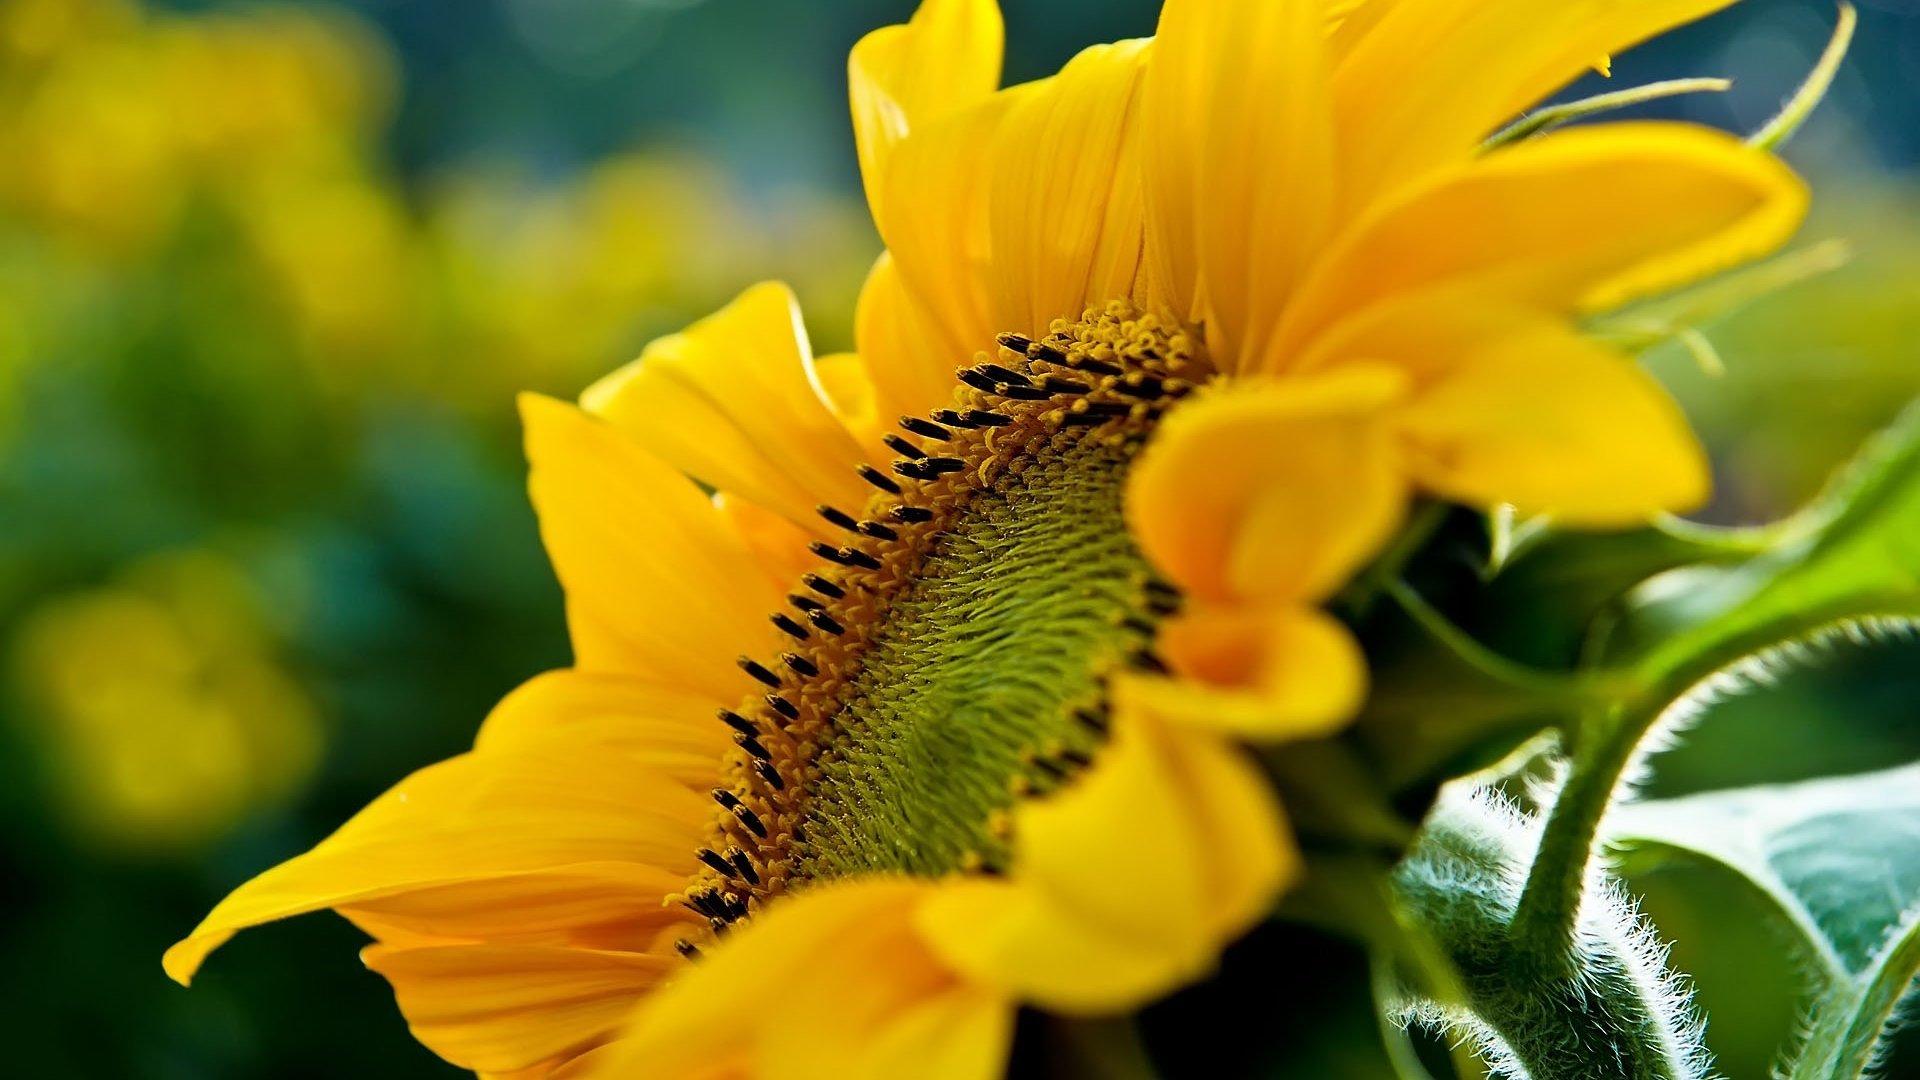 19544 скачать обои Растения, Цветы, Подсолнухи - заставки и картинки бесплатно